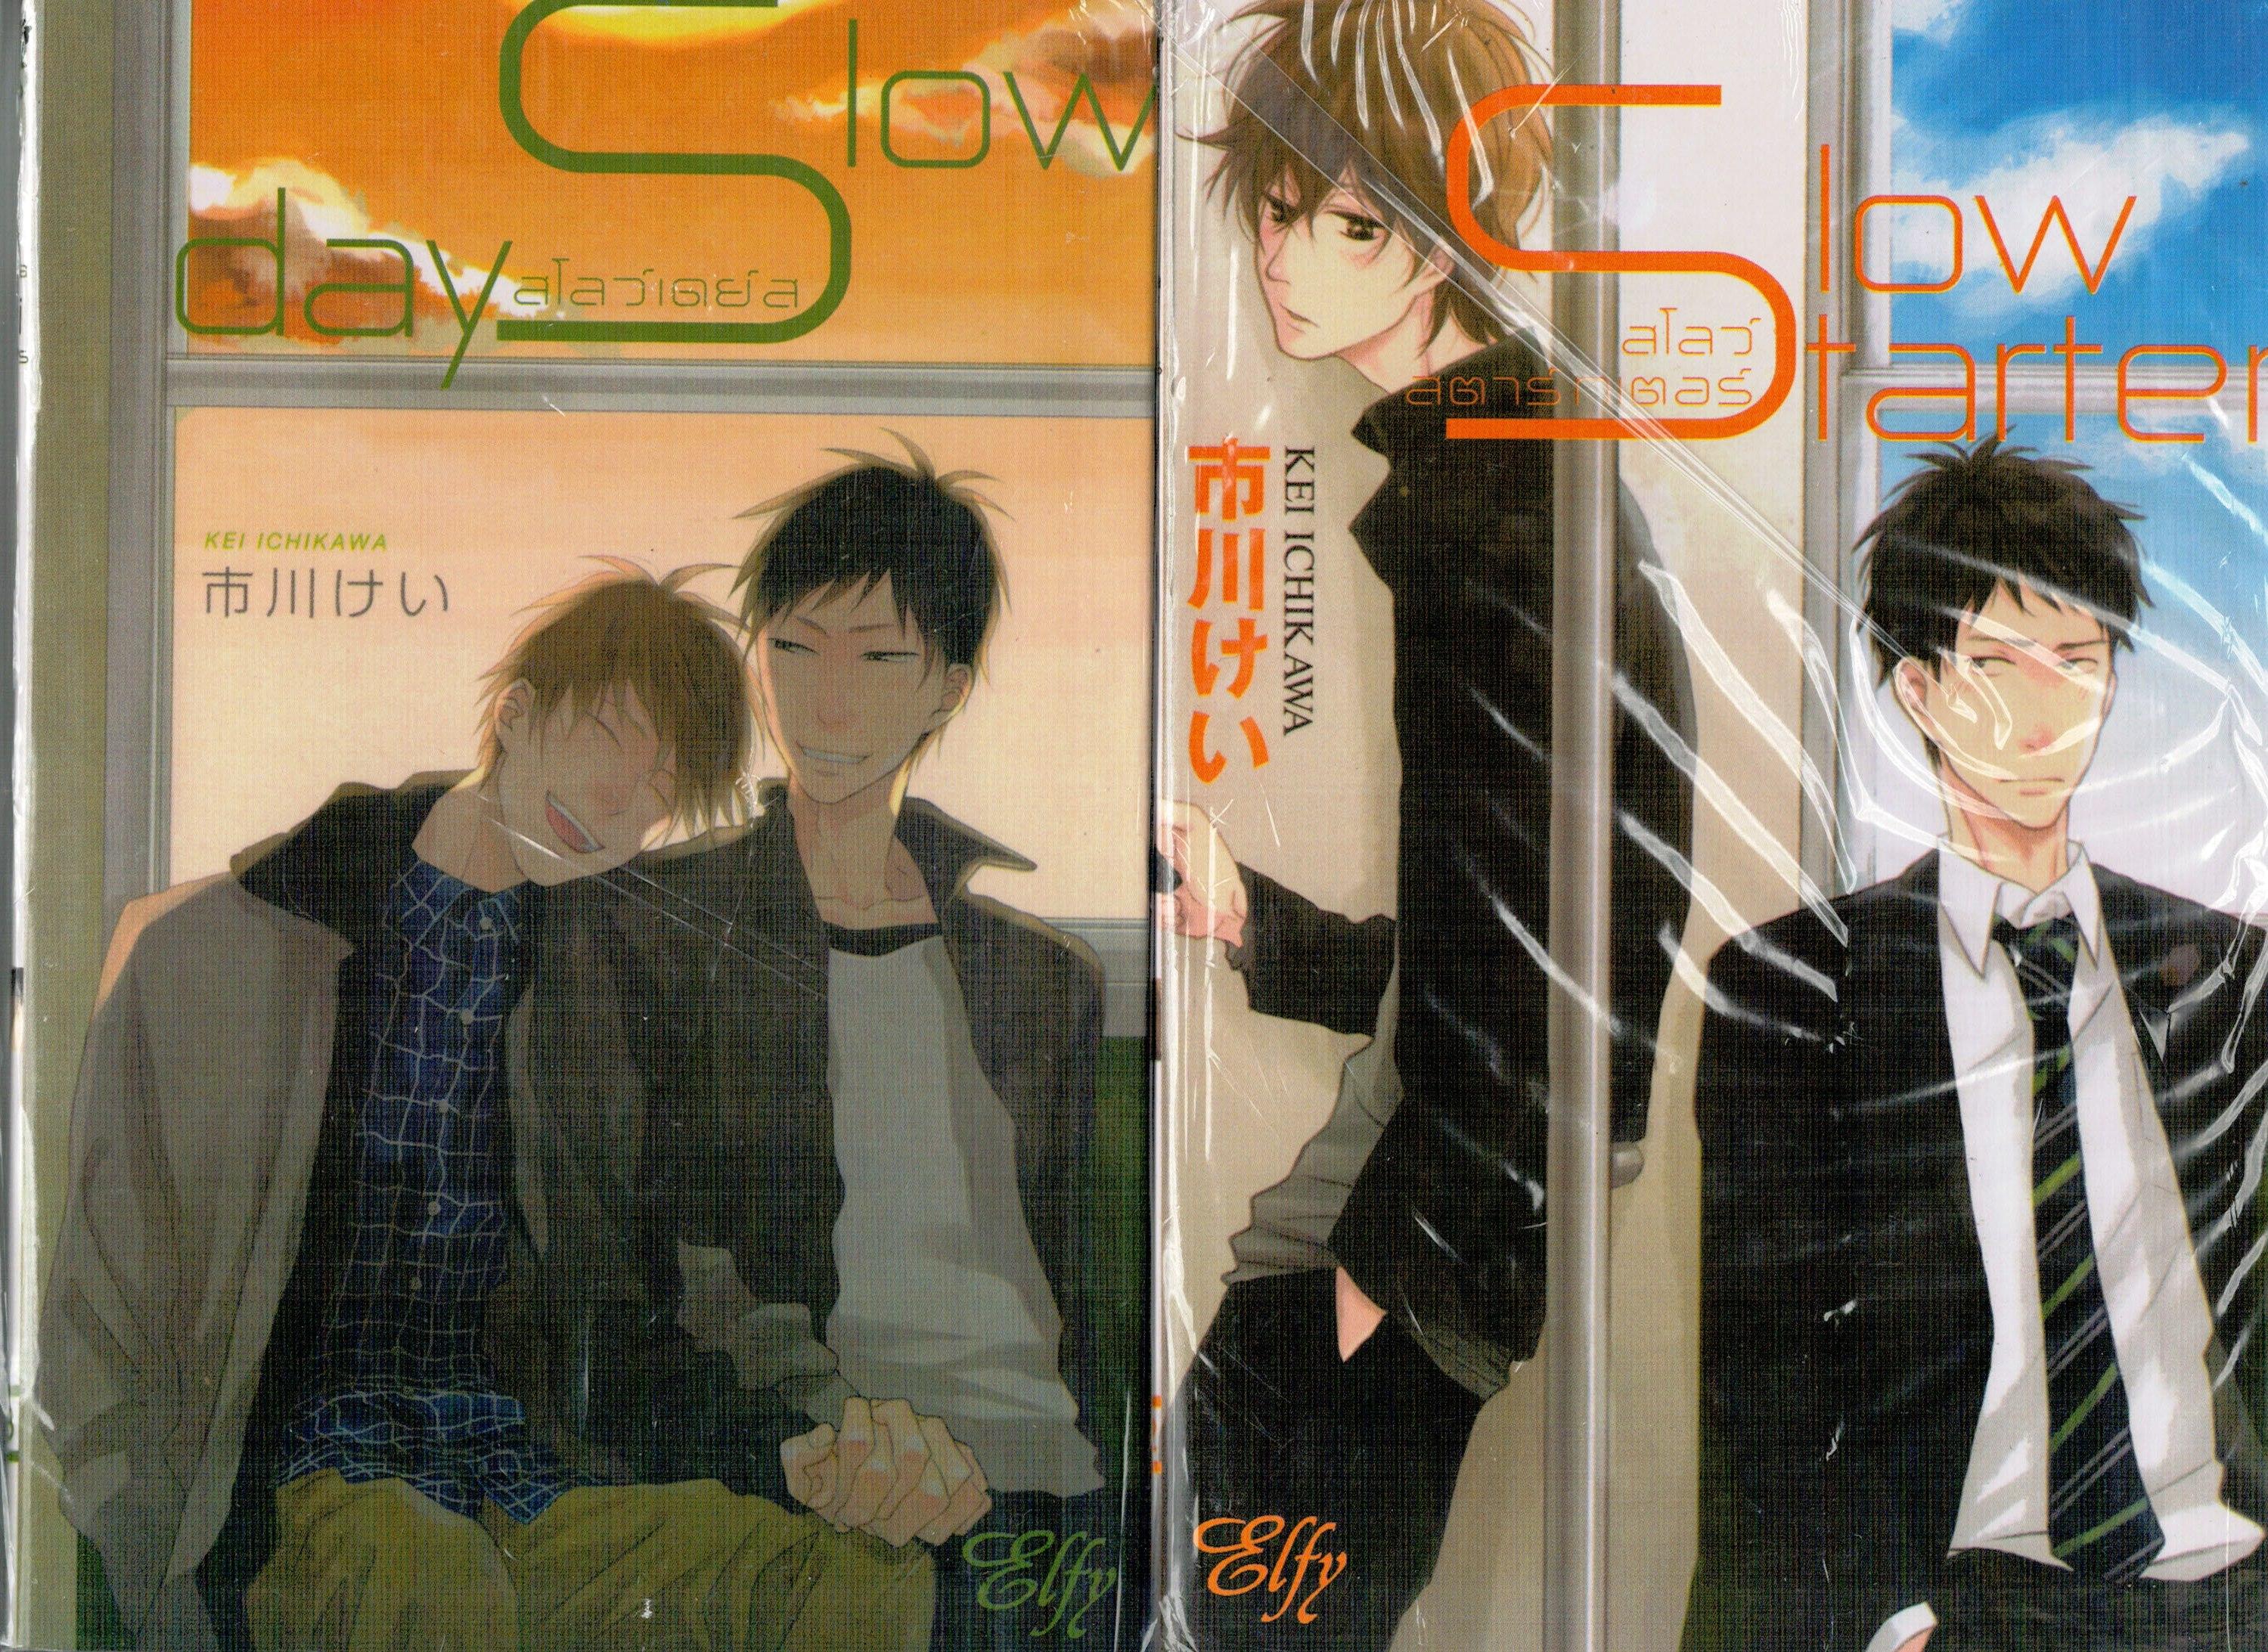 Slow stater 2 ชุด - Kei Ichikawa